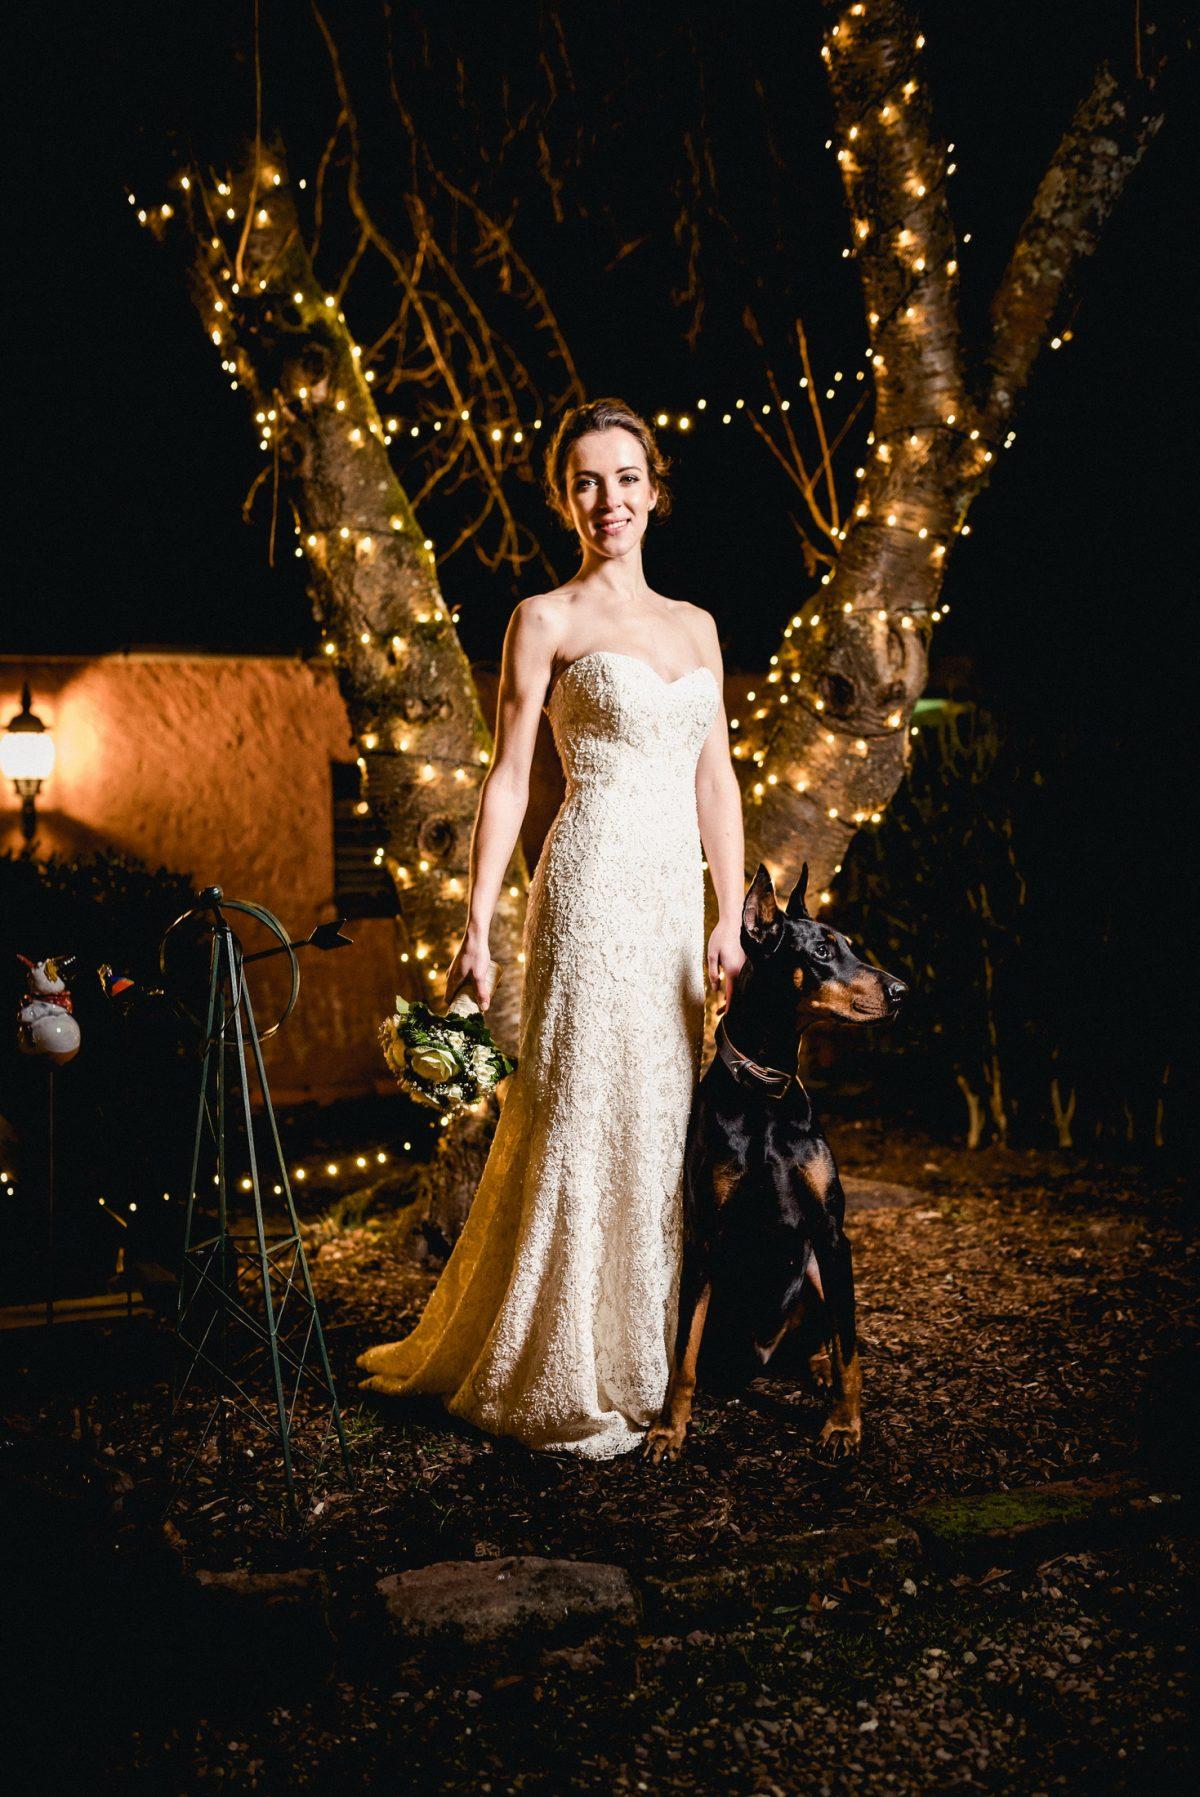 Shooting Dobermann Hund Mogli Braut dunkel Lichterketten Kleid Blumenstrauß